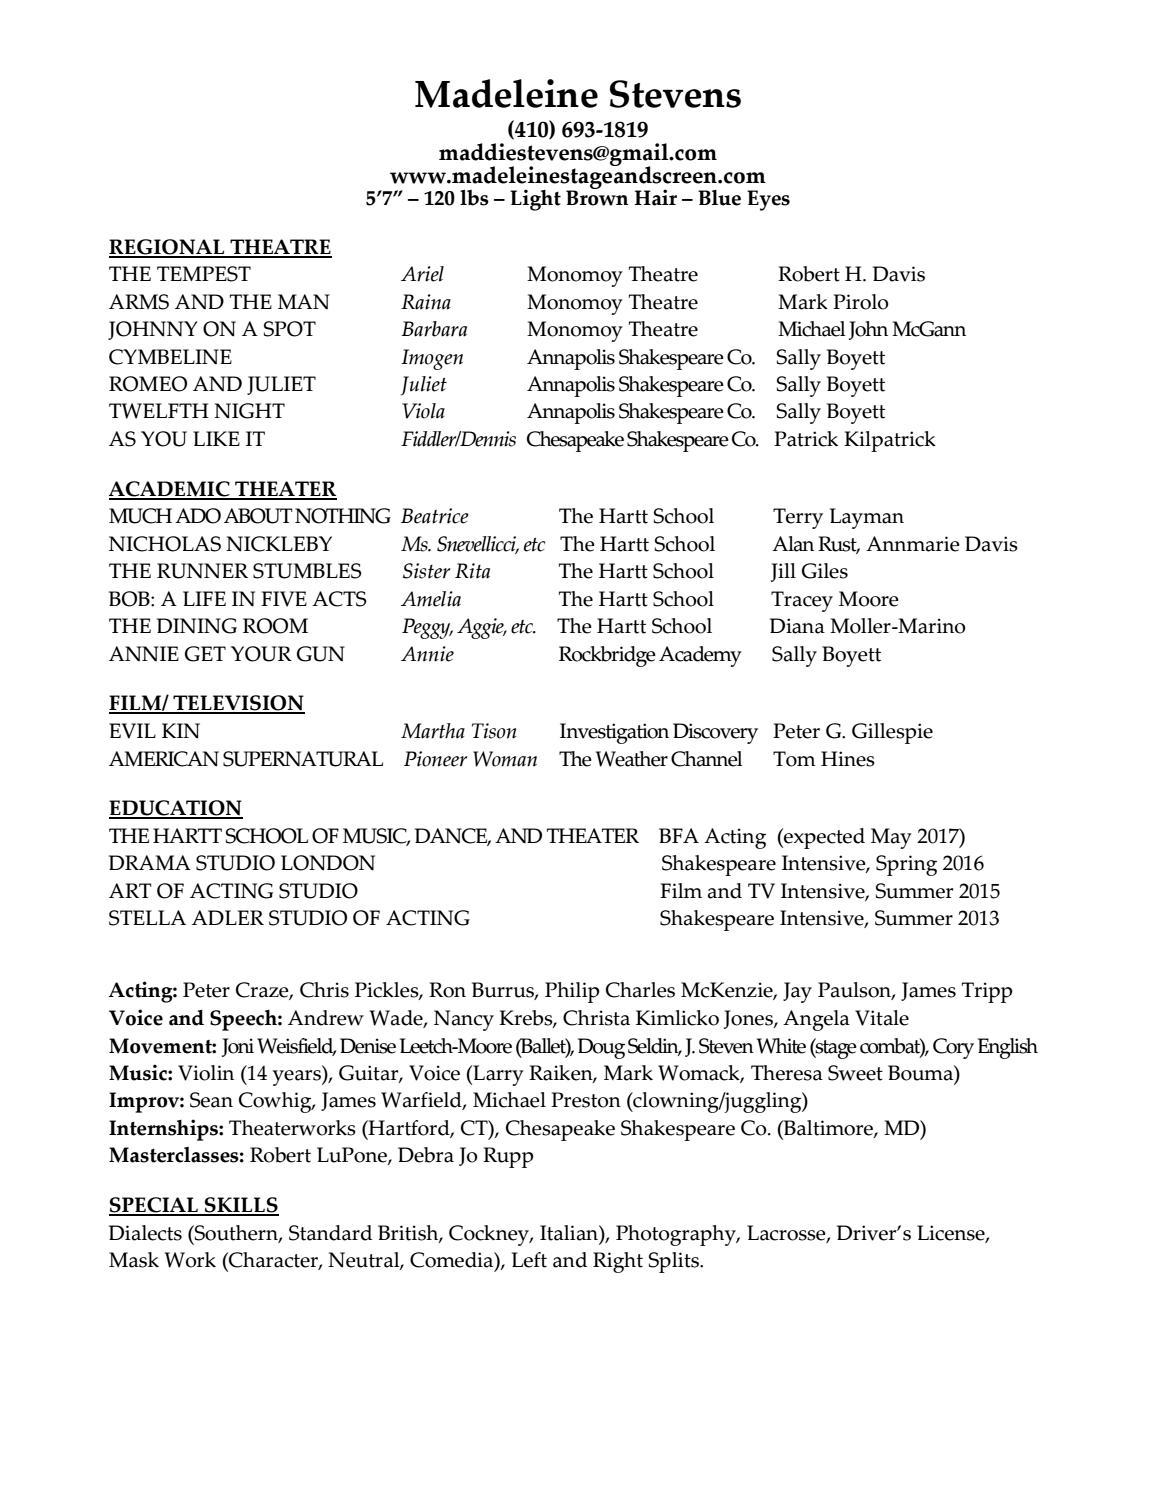 Madeleine Stevens Resume Sept 2016 By